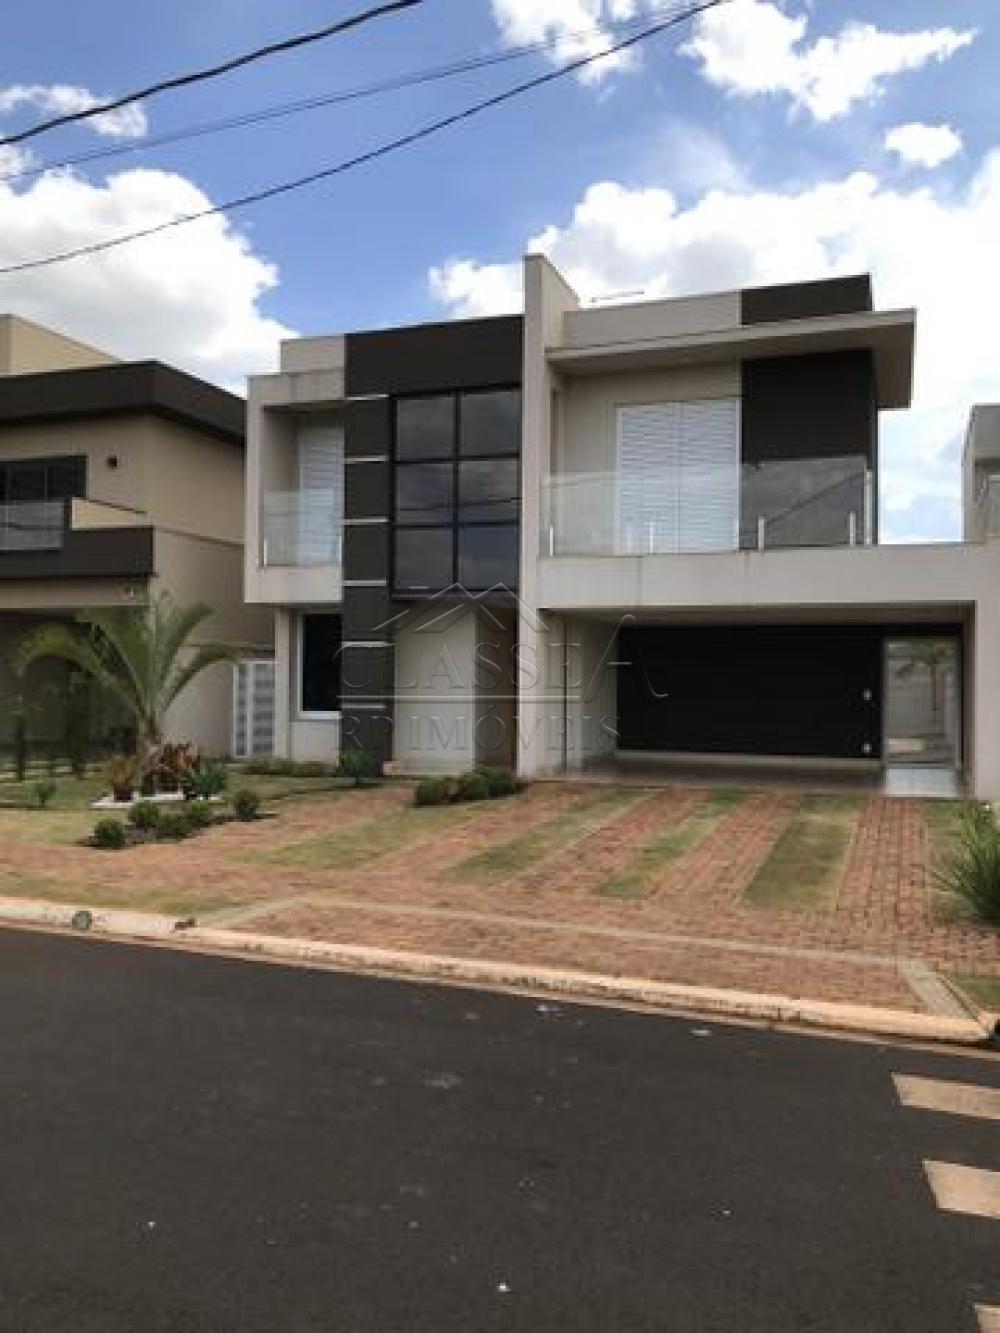 Comprar Casa / Condomínio - sobrado em Ribeirão Preto apenas R$ 1.050.000,00 - Foto 1